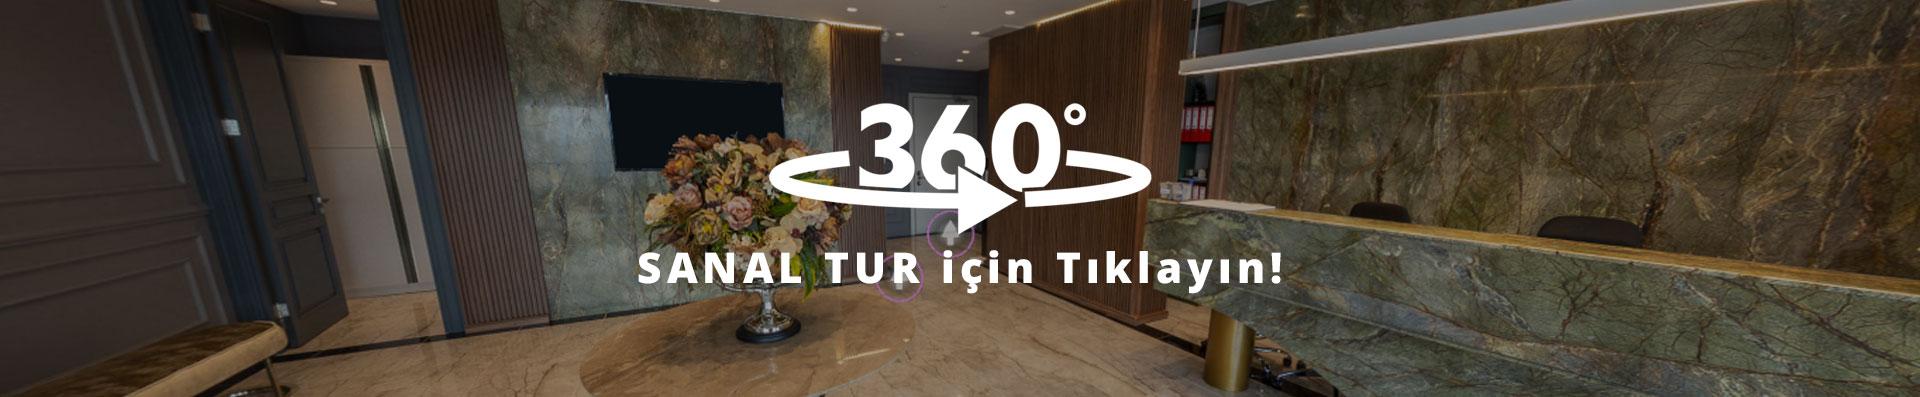 360 Sanal Tur